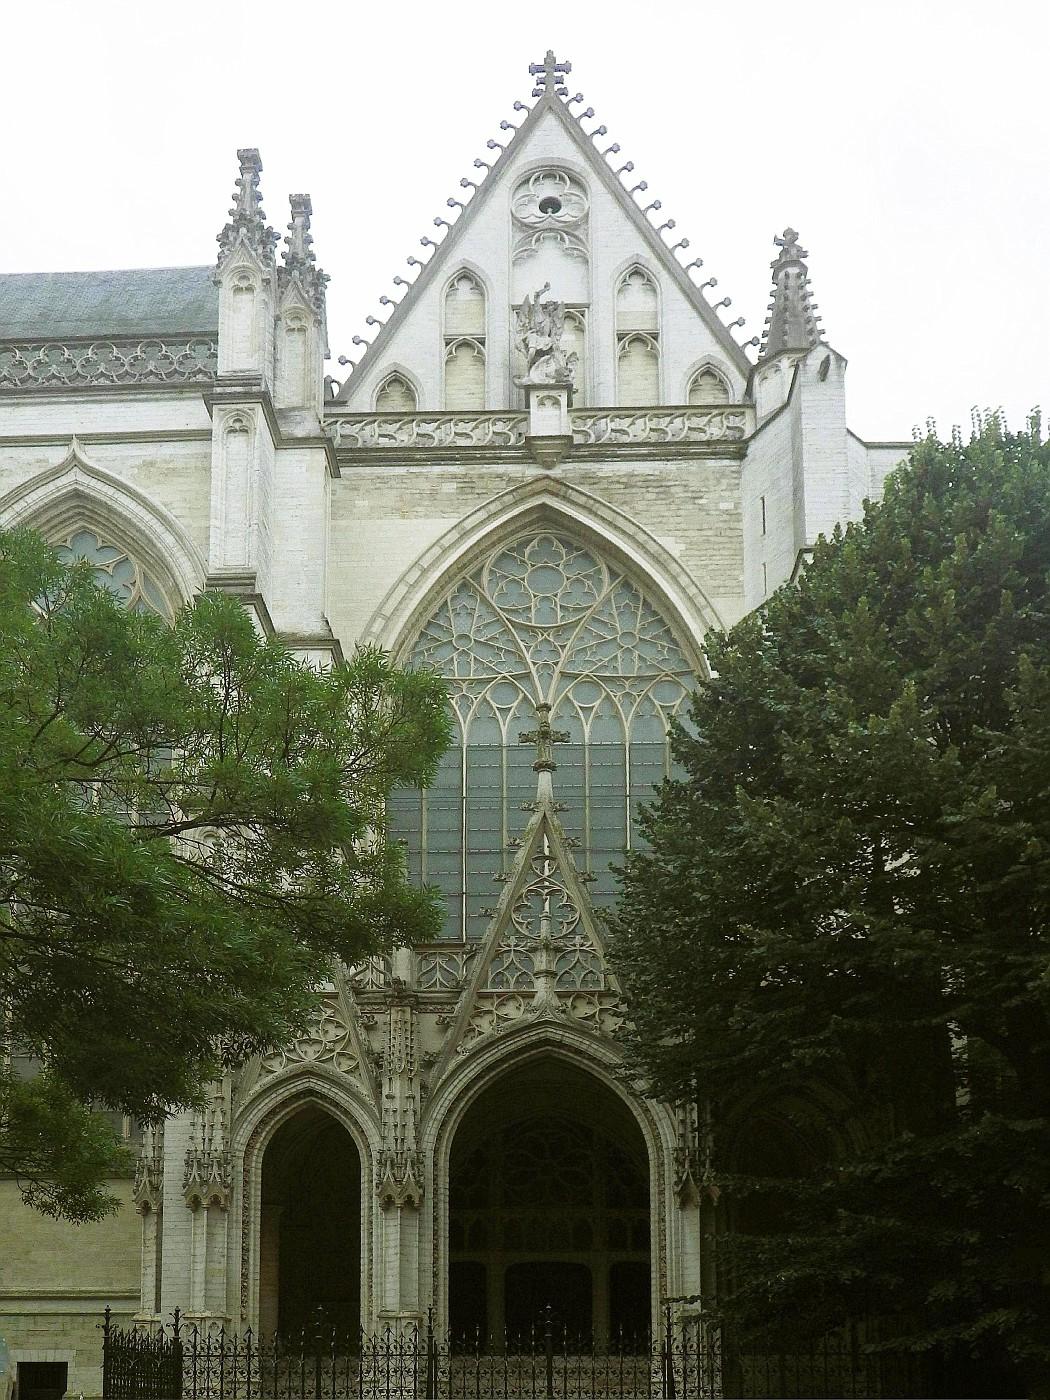 Cathédrale Saint Michel et Gudule